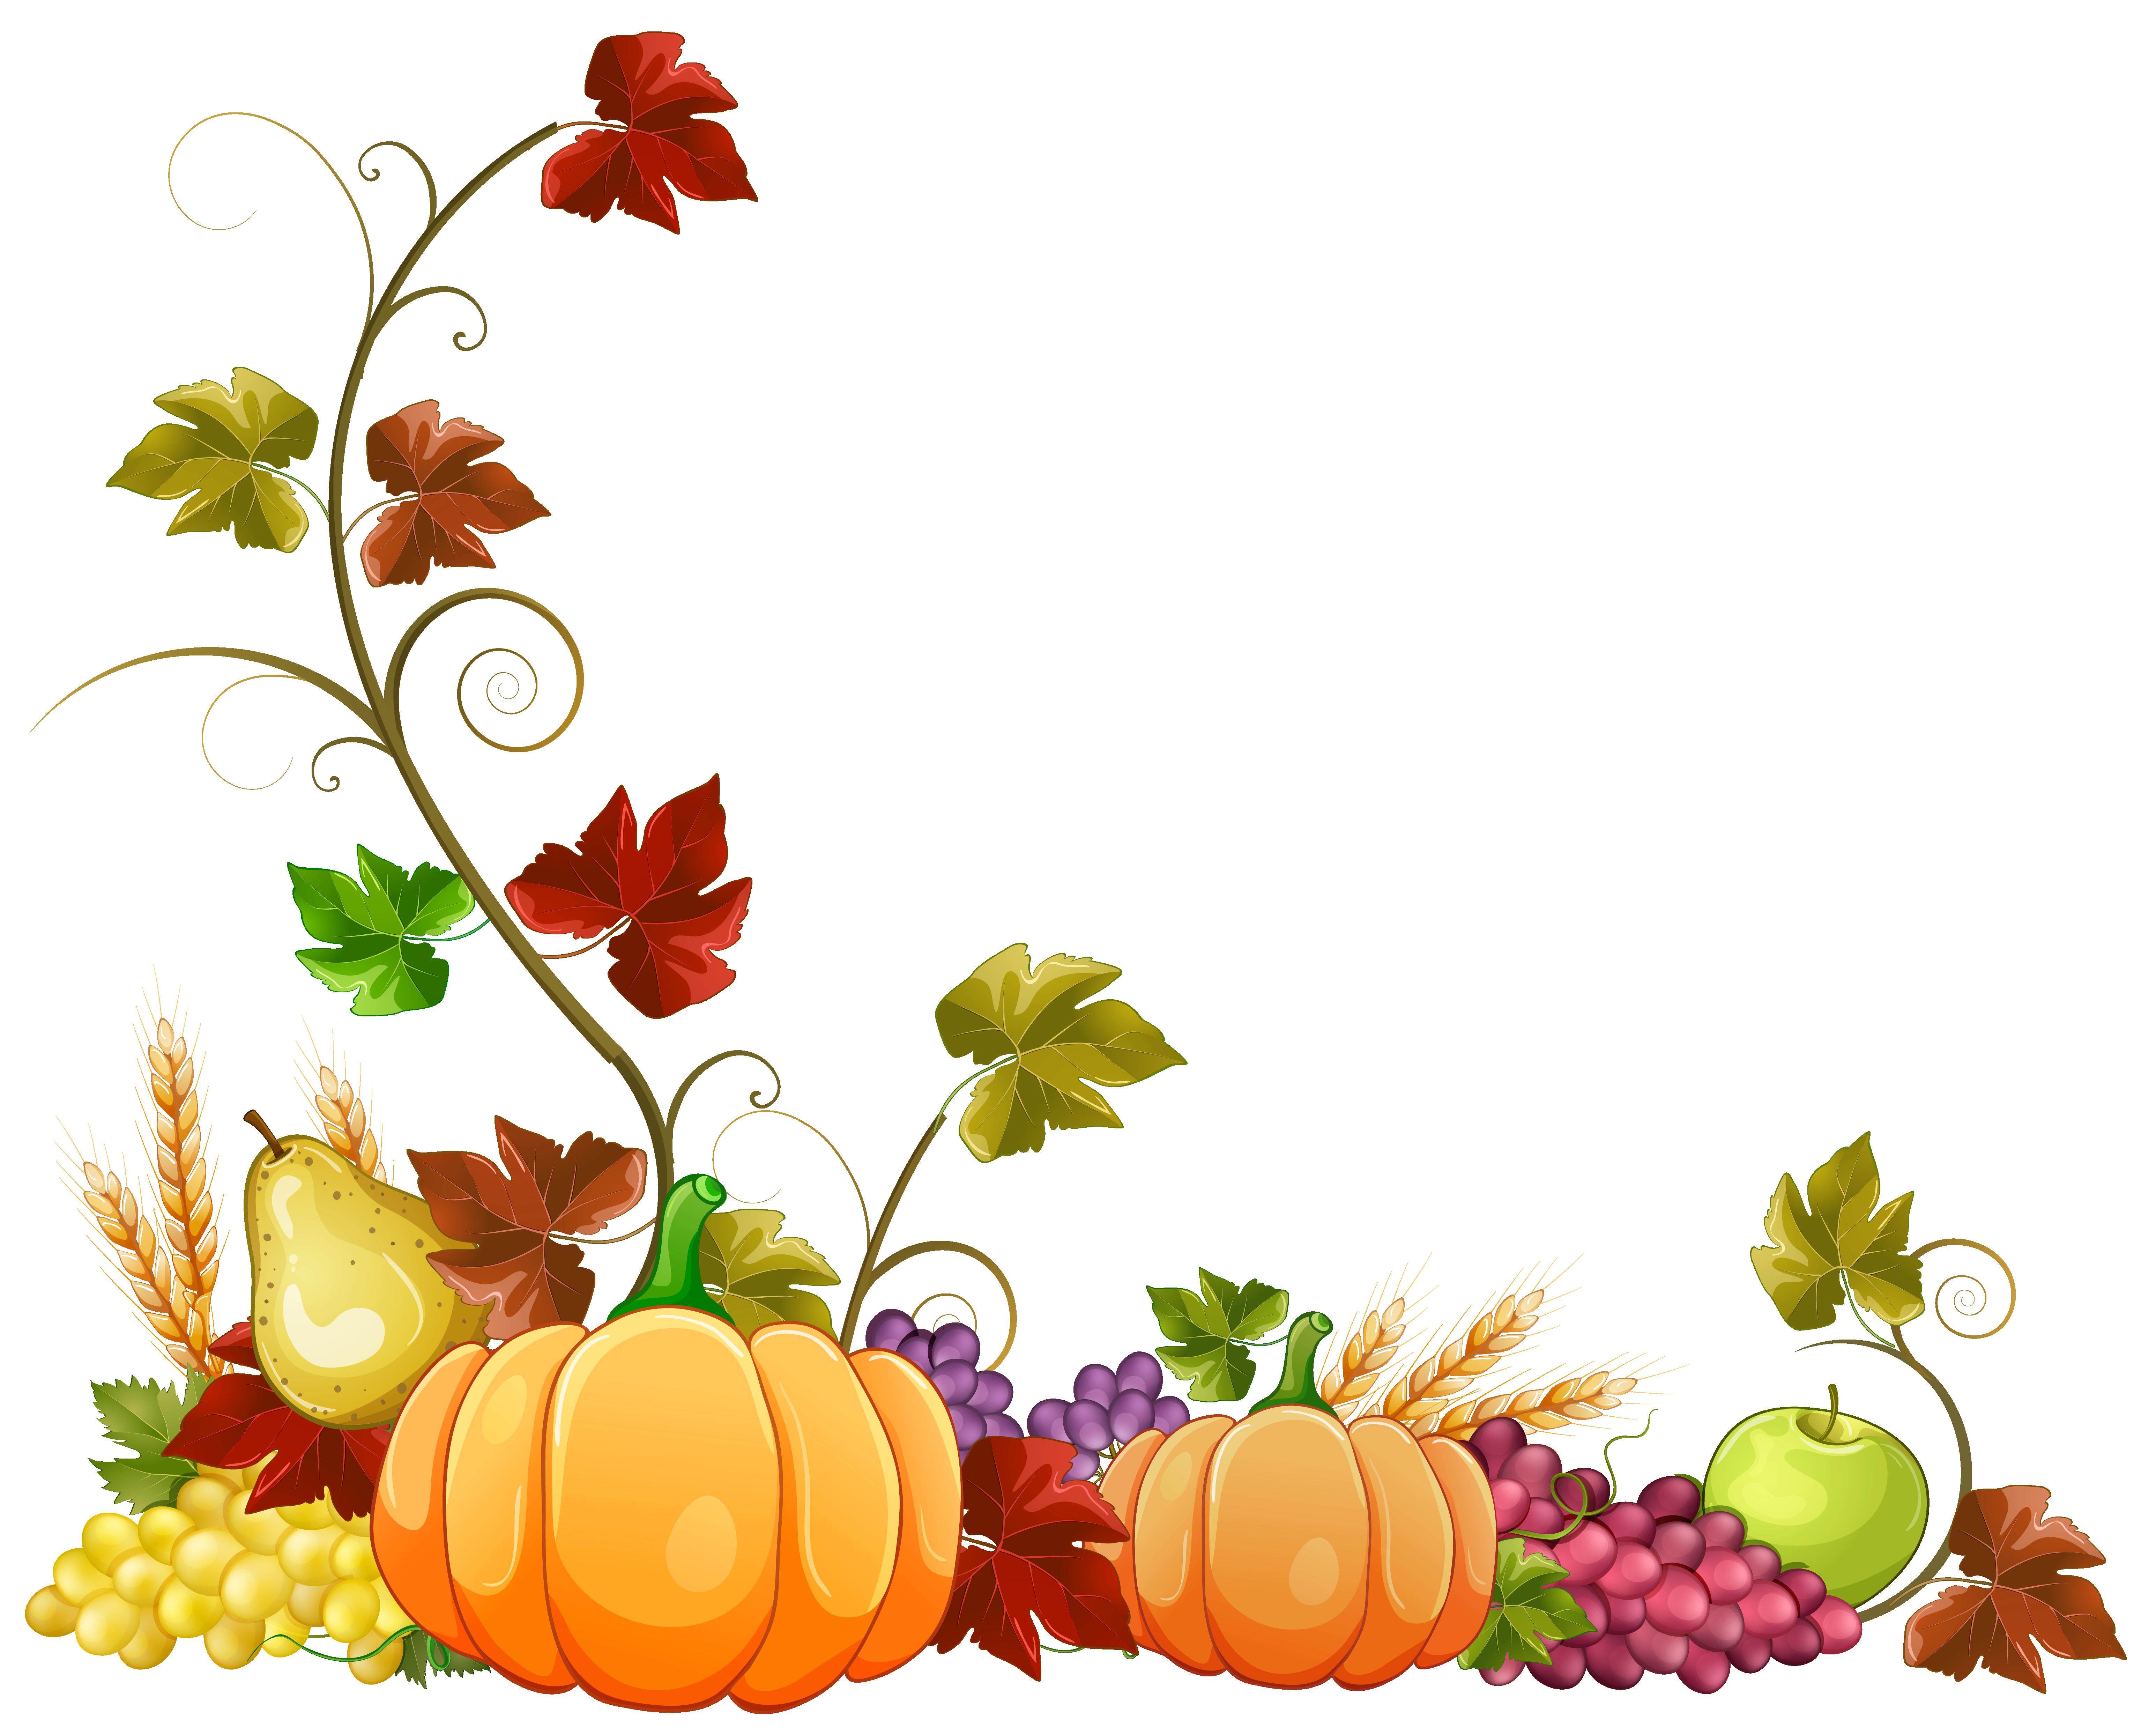 6178x4971 Free Fall Autumn Clip Art